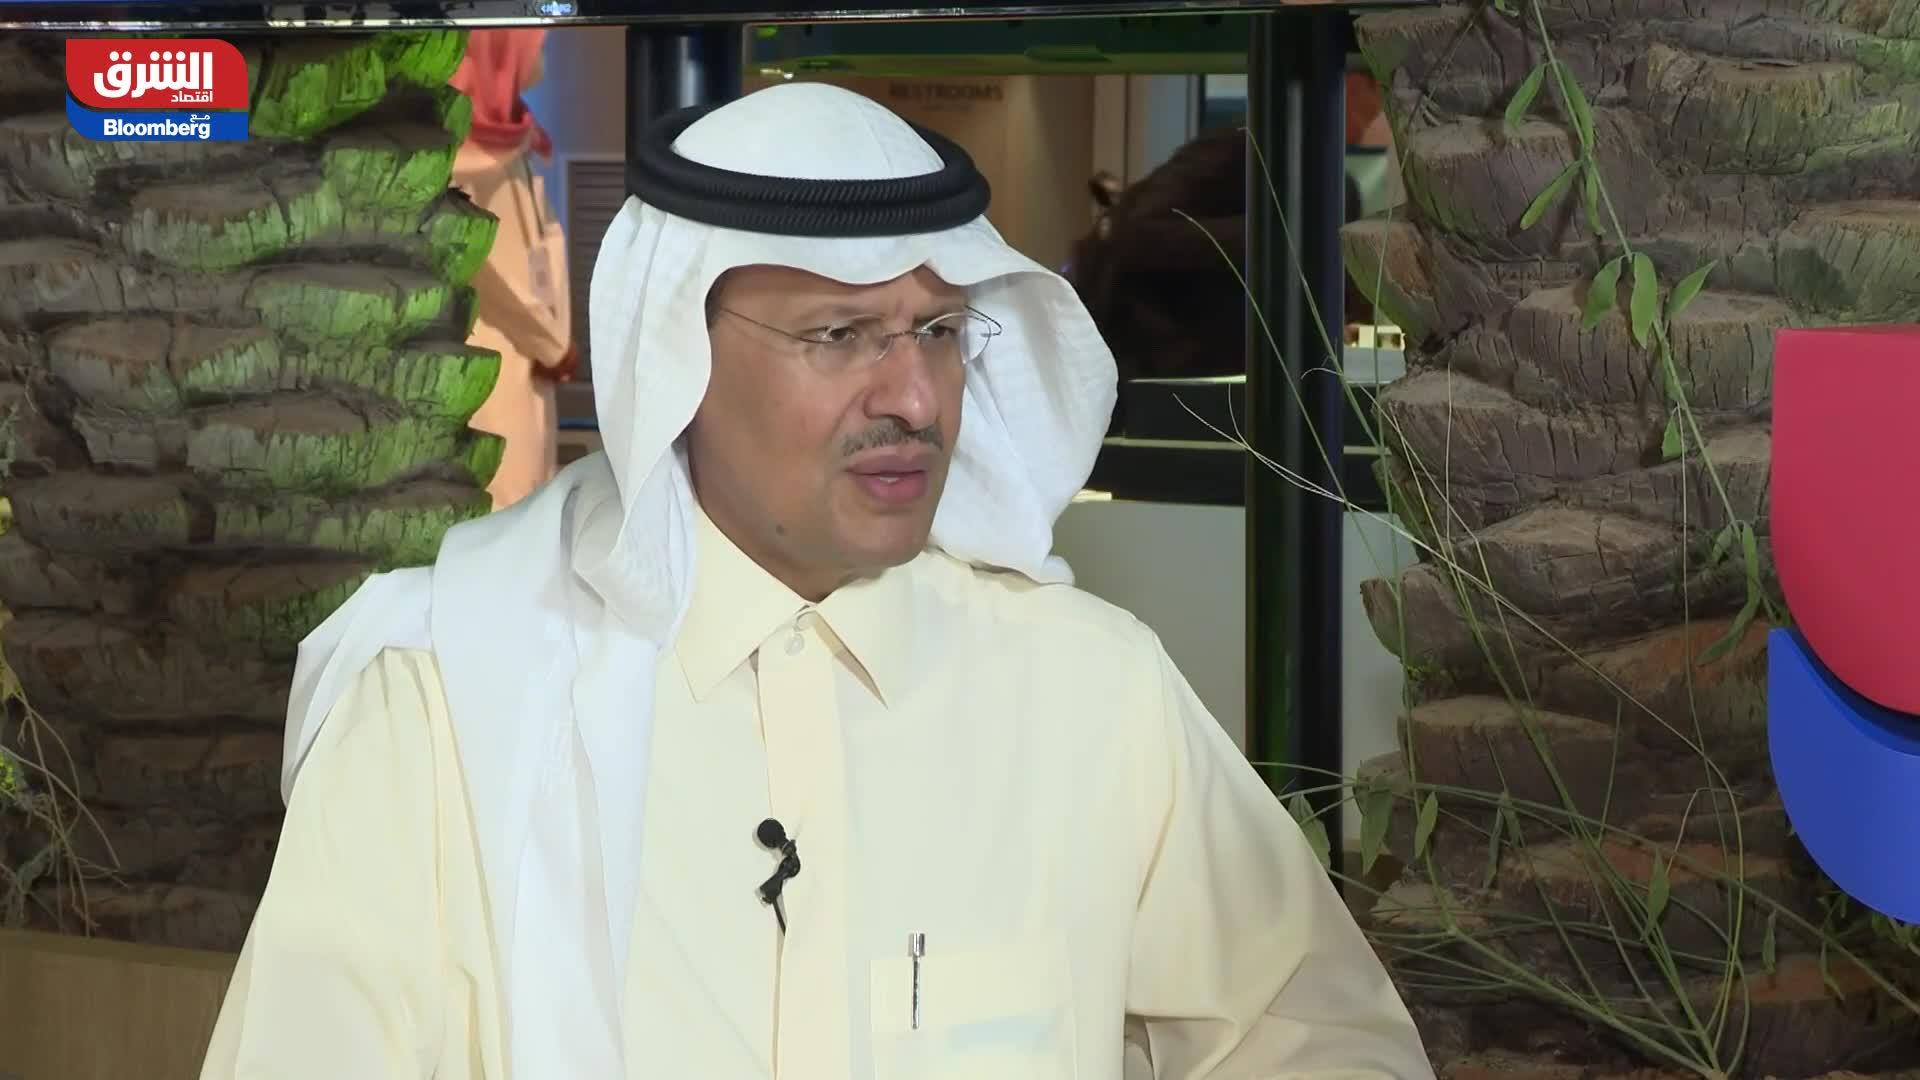 الأمير عبد العزيز بن سلمان / وزير الطاقة السعودي : الأصل تخفيض الانبعاثات المؤدية لظاهرة التغير المناخي